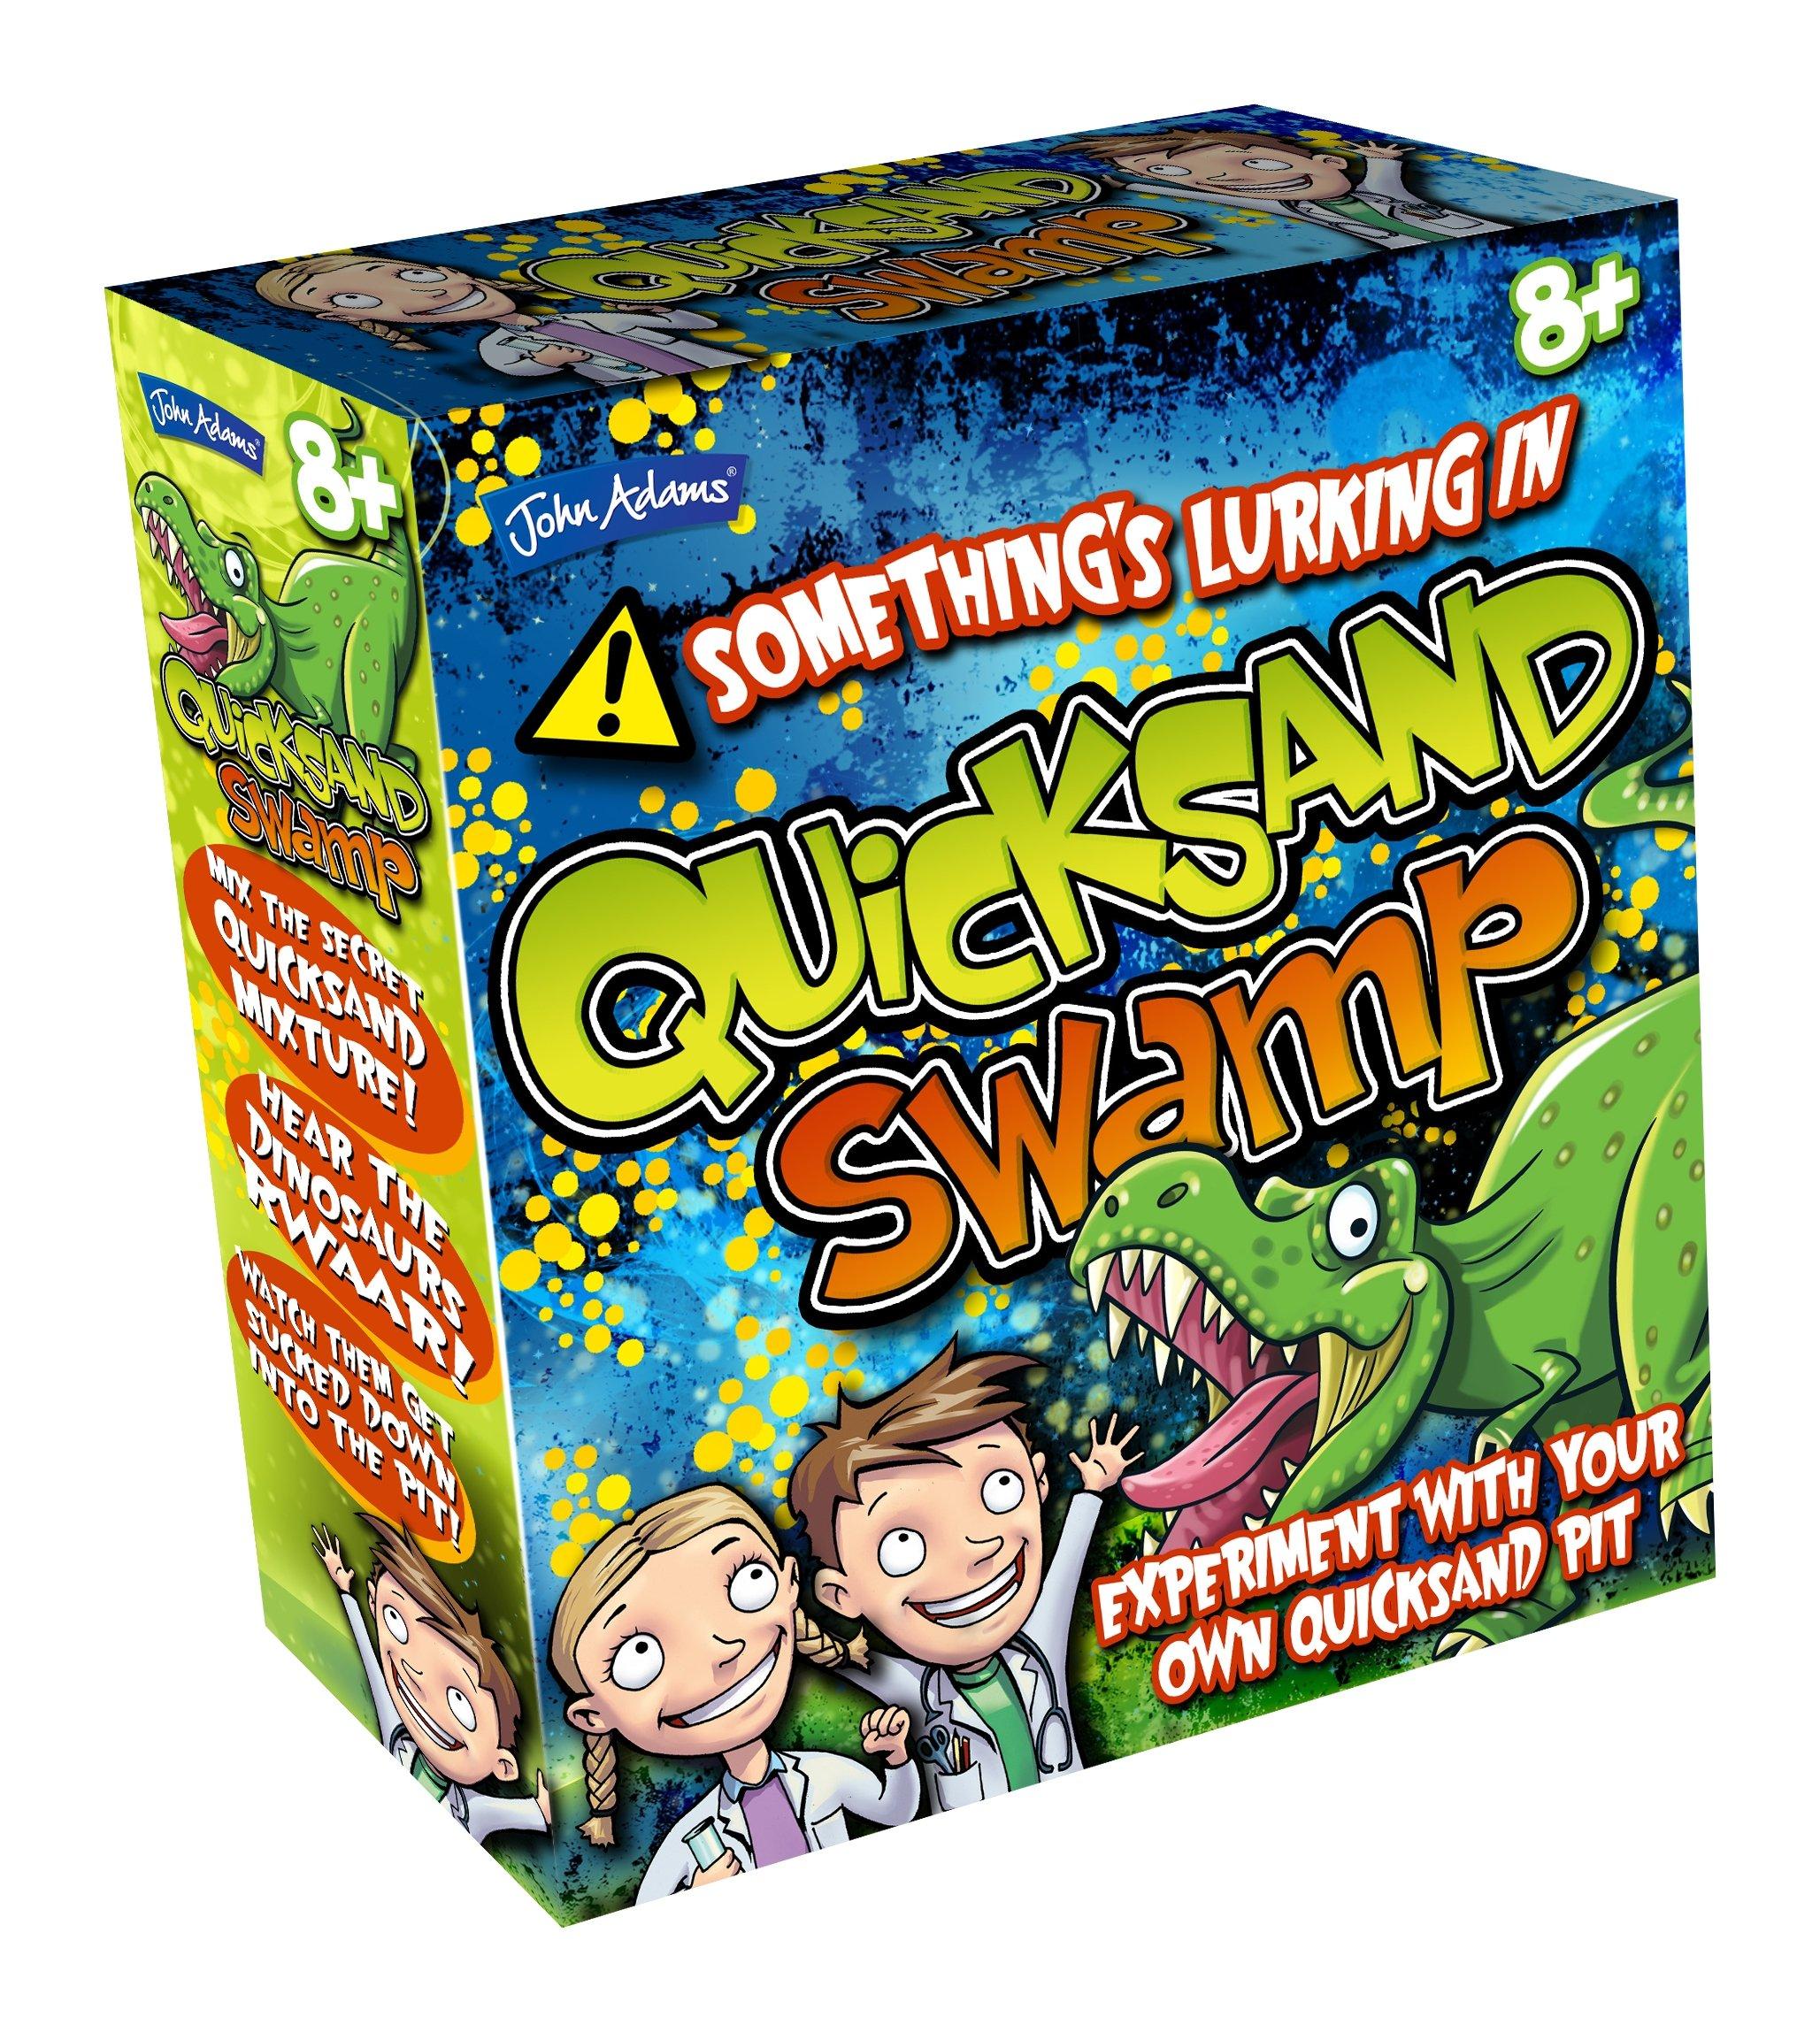 John Adams Quicksand Swamp Toys